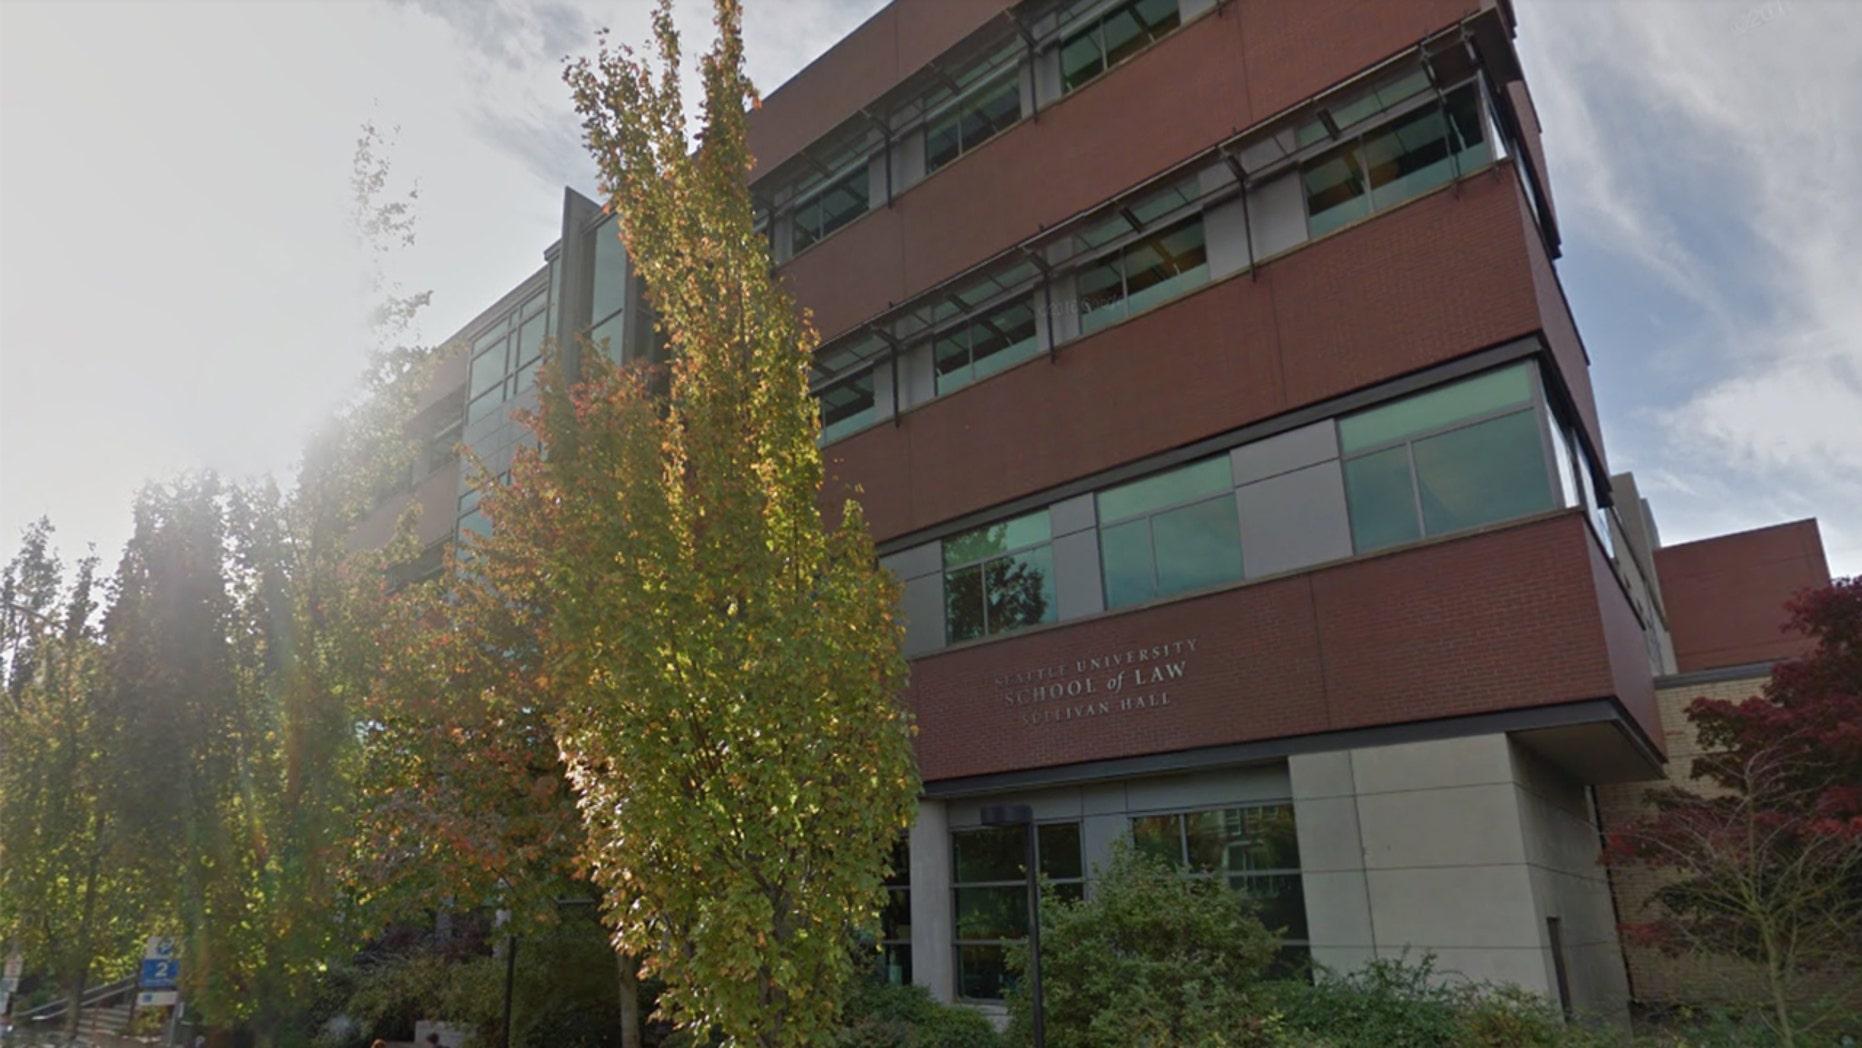 Seattle University Law School